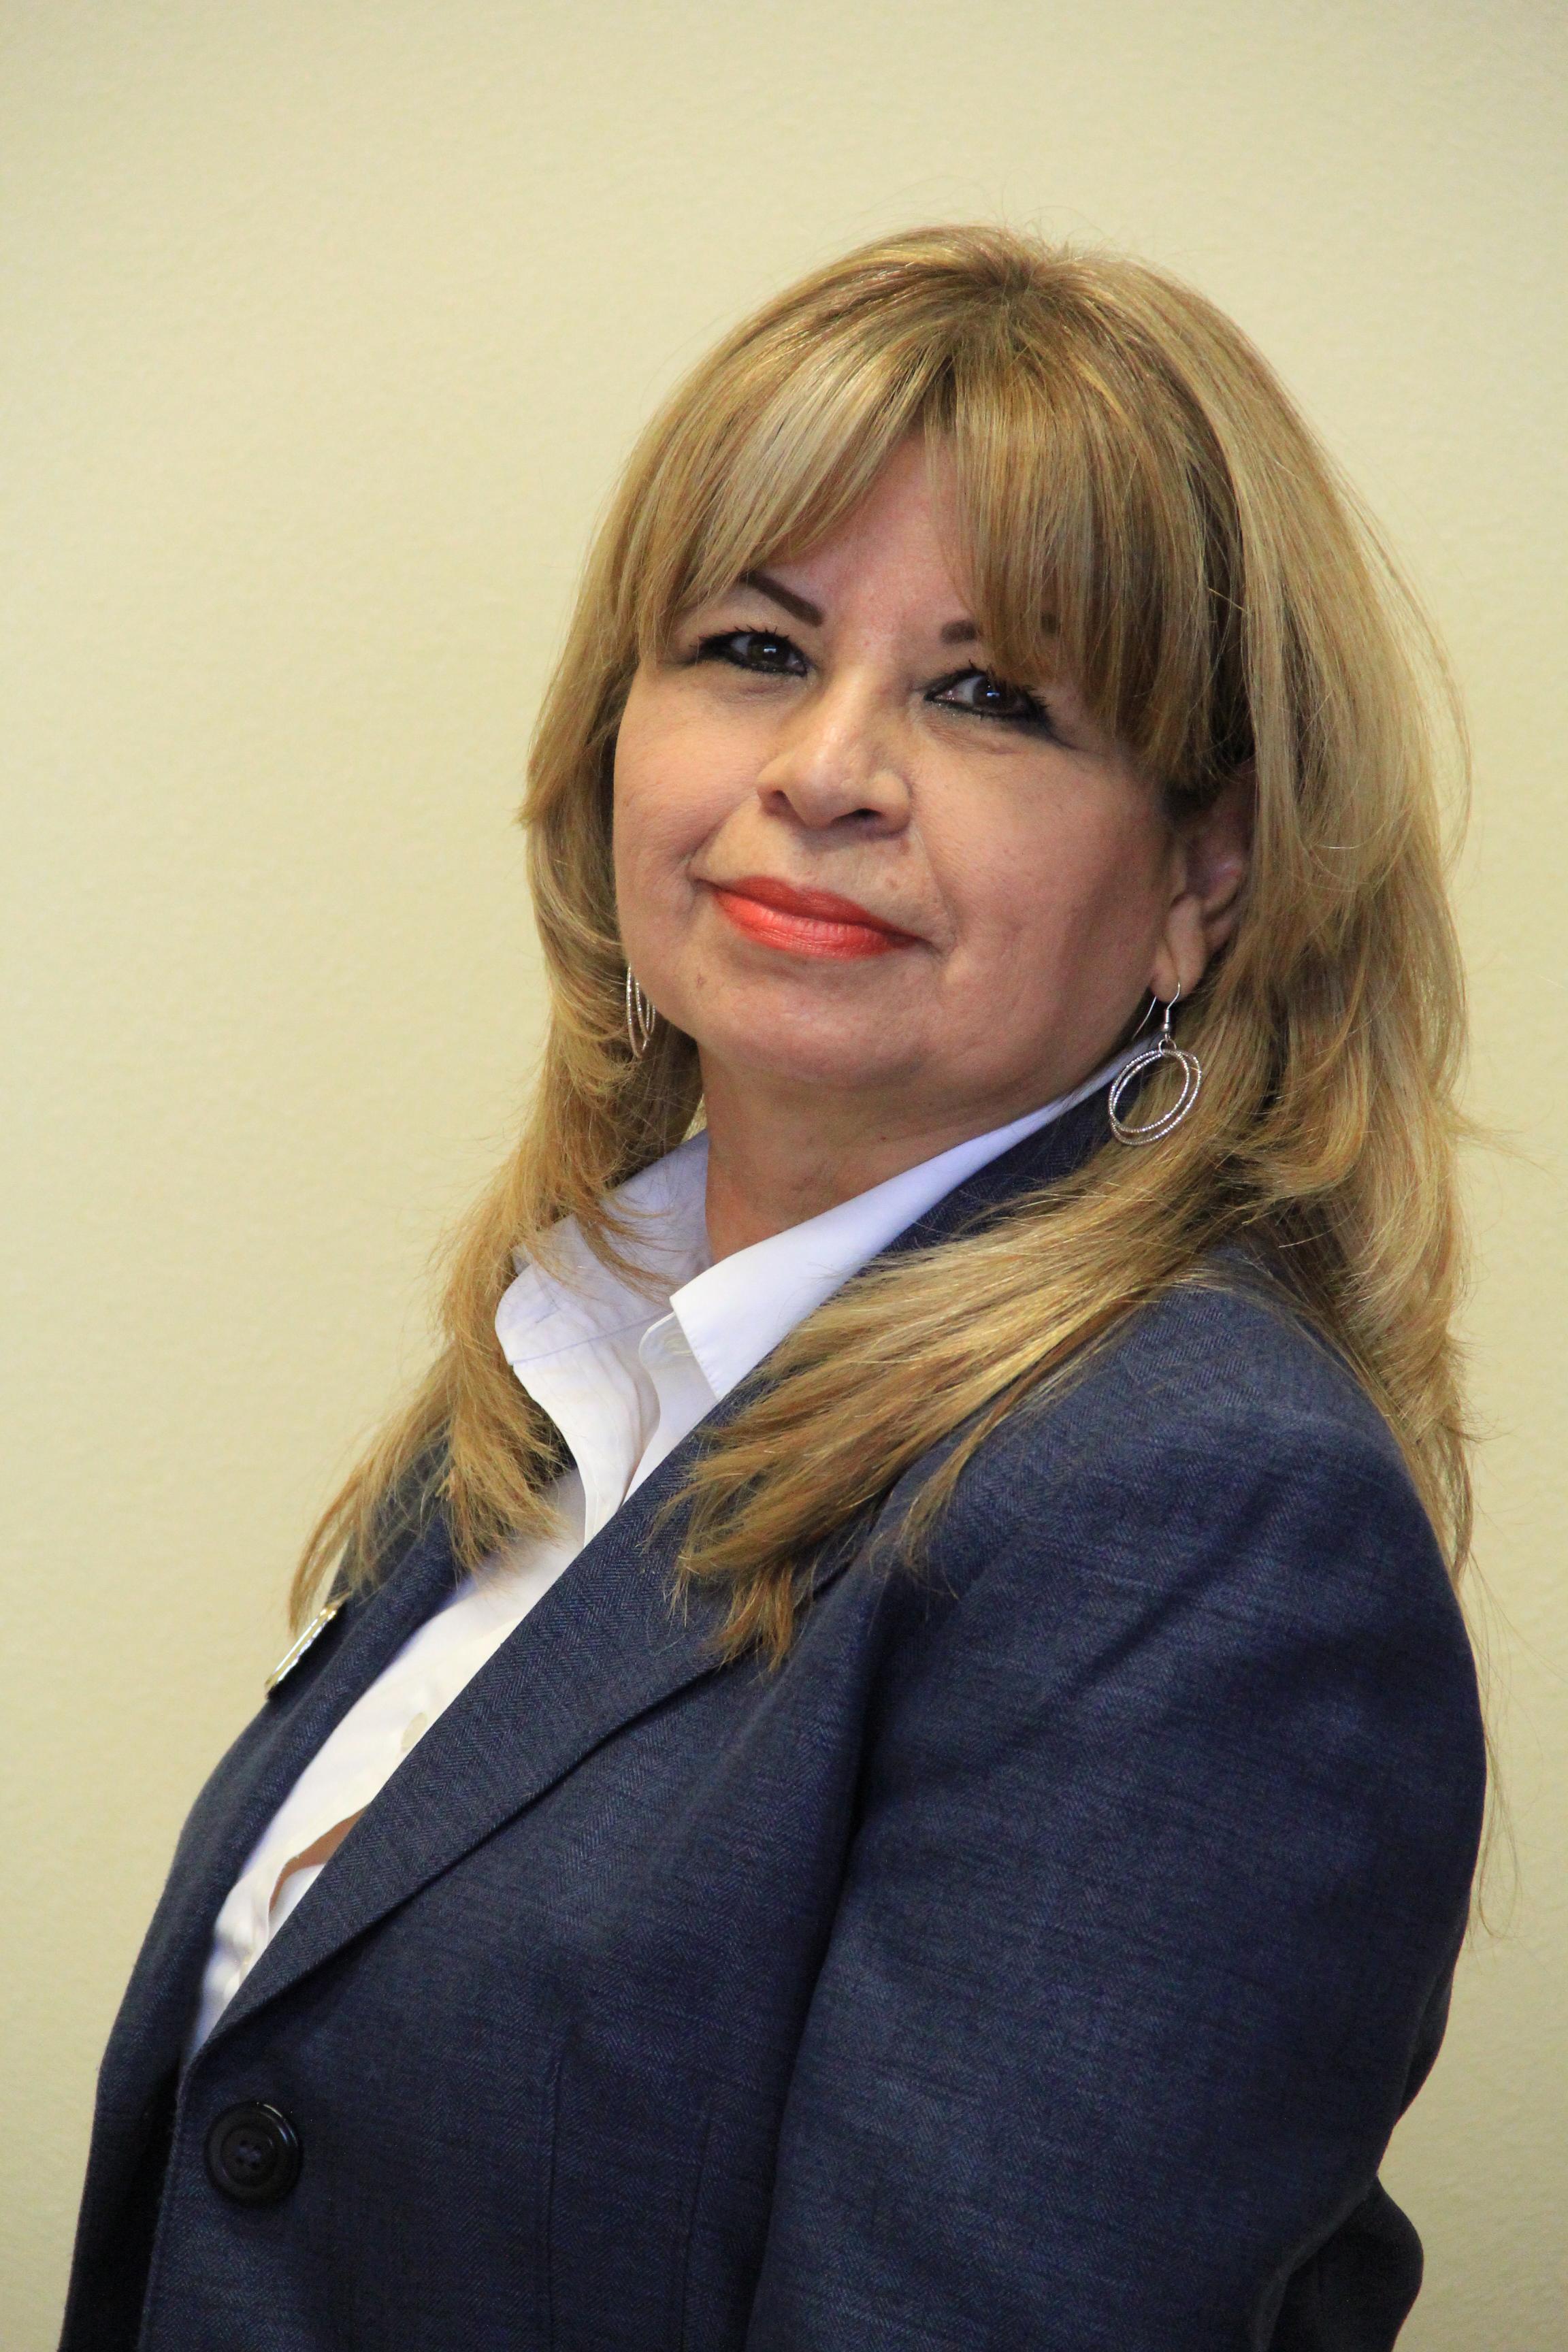 SandraSandra